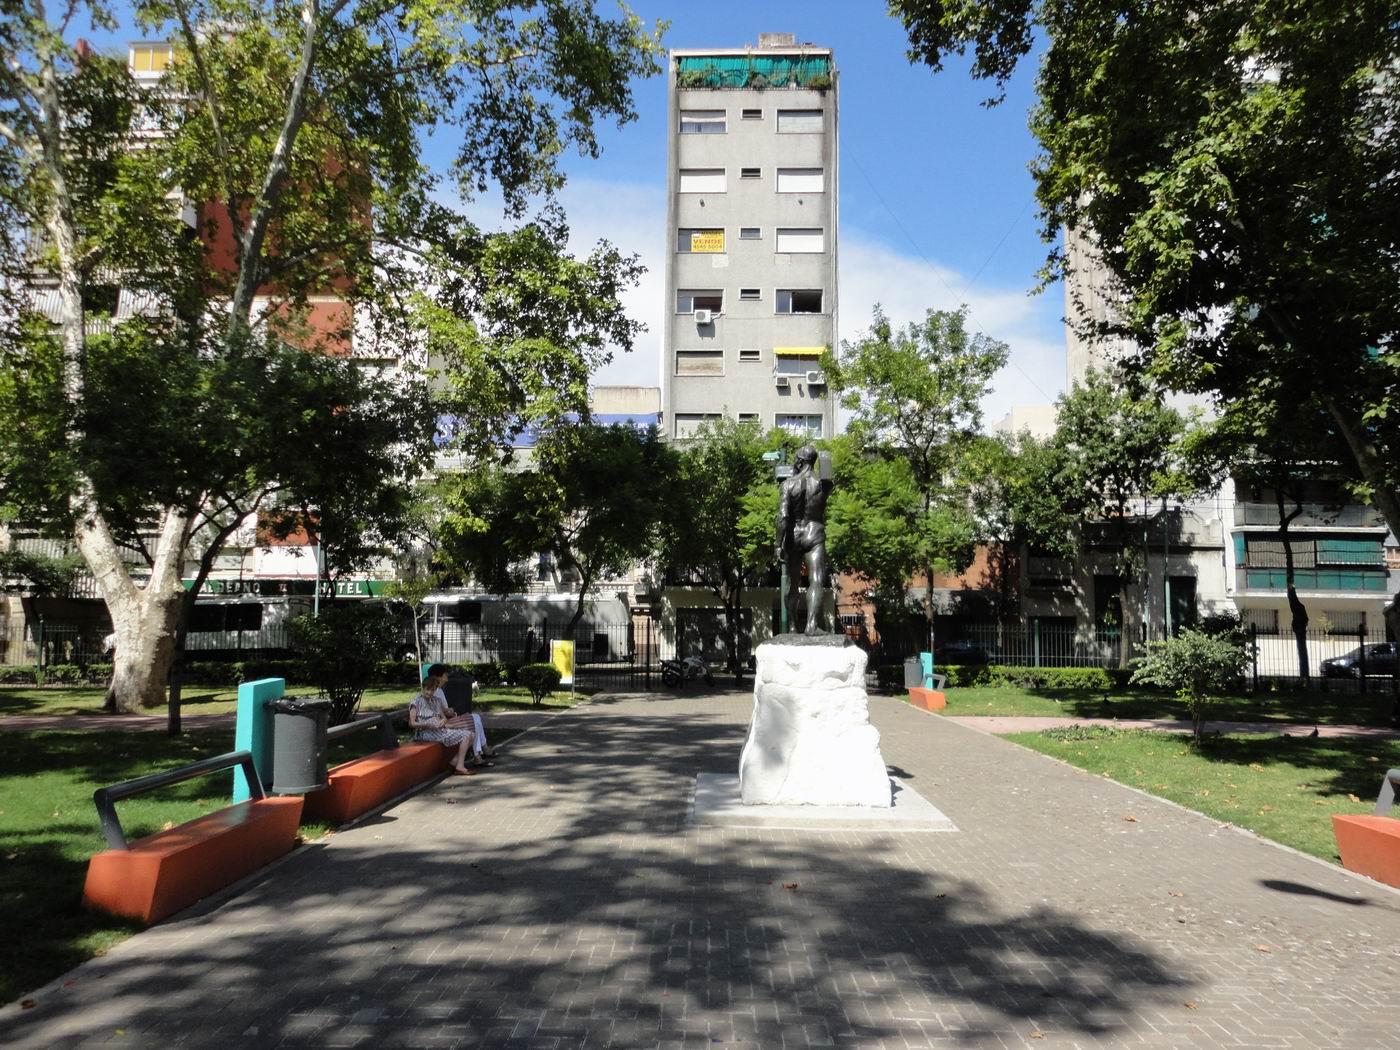 Plaza-de-Mayo-Buenos-Aires-10